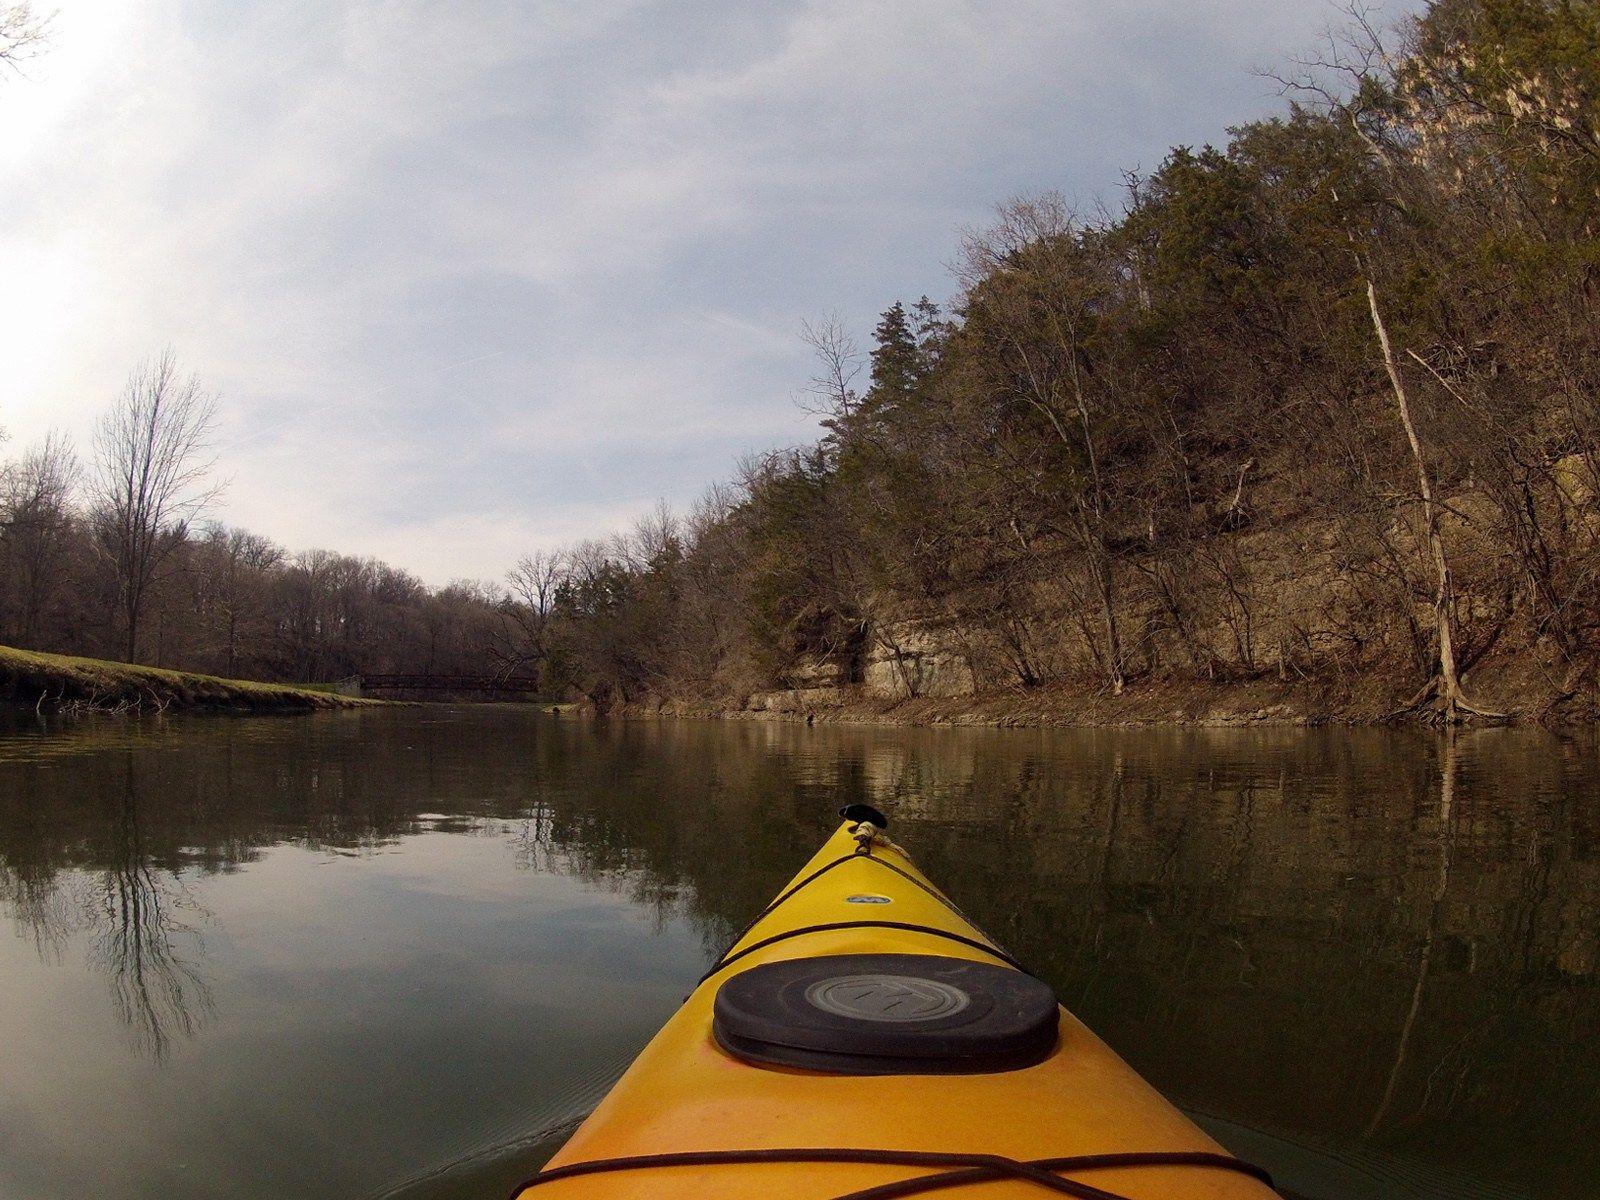 Yellow Creek Miles Paddled Kayaking gear, River